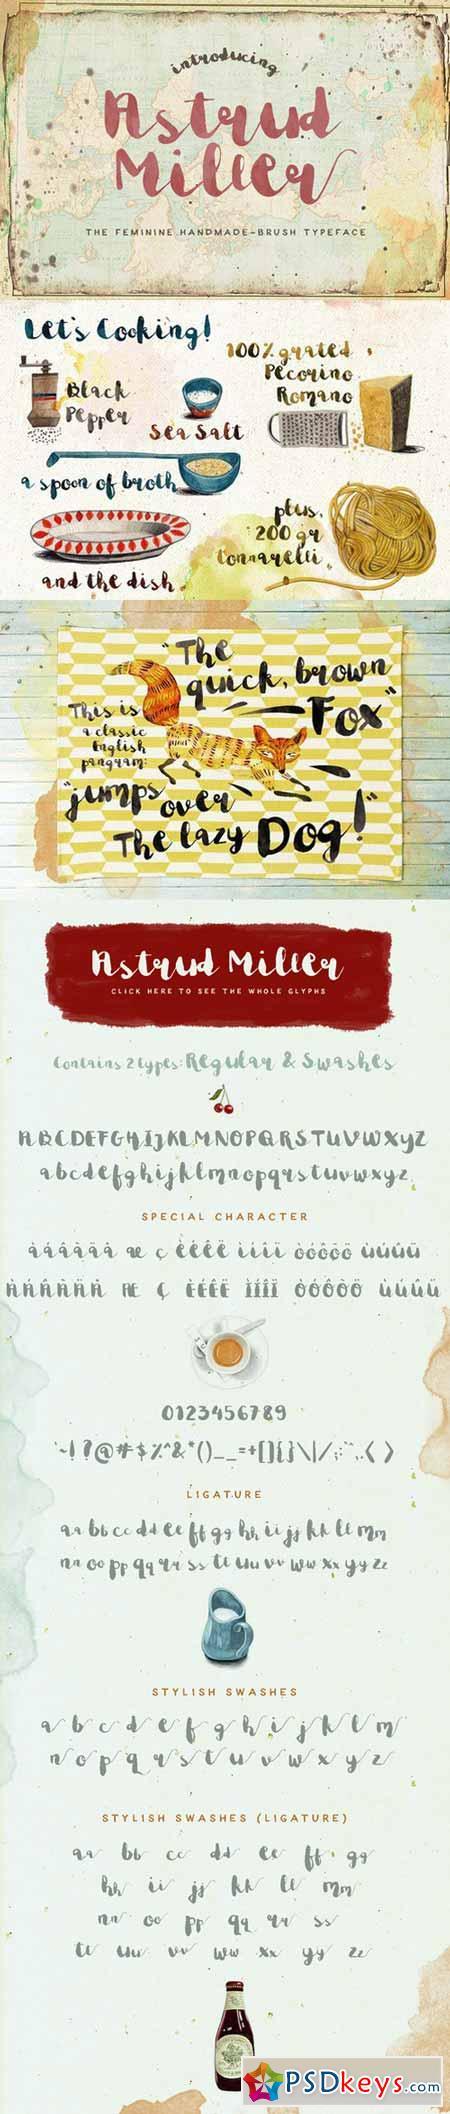 Astrud Miller 510920